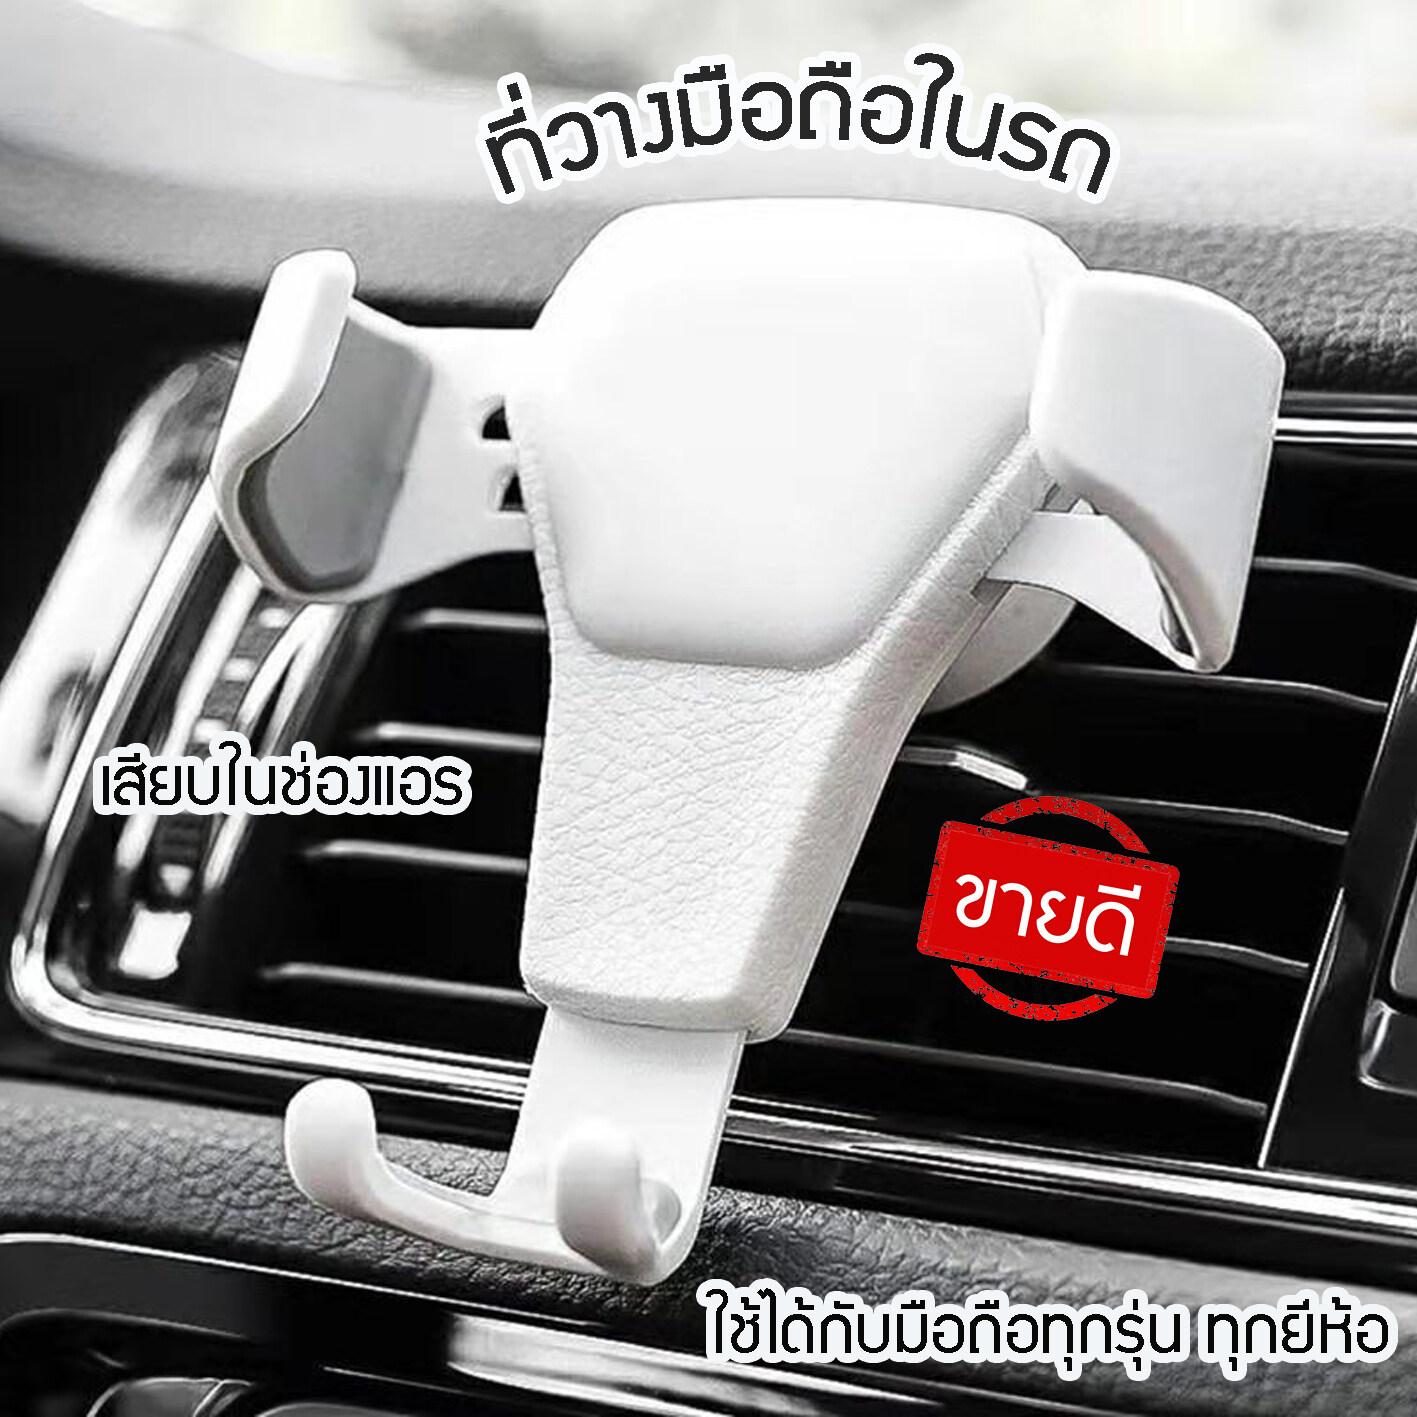 ที่วางโทรศัพท์ในรถ ที่วางมือถือ ตัวจับโทรศัพท์ ที่หนีบโทรศัพท์ในรถยนต์ GPS ที่จับโทรศัพท์ ขายึดโทรศัพท์ ที่วางมือถือในรถ ตัวจับมือถือ